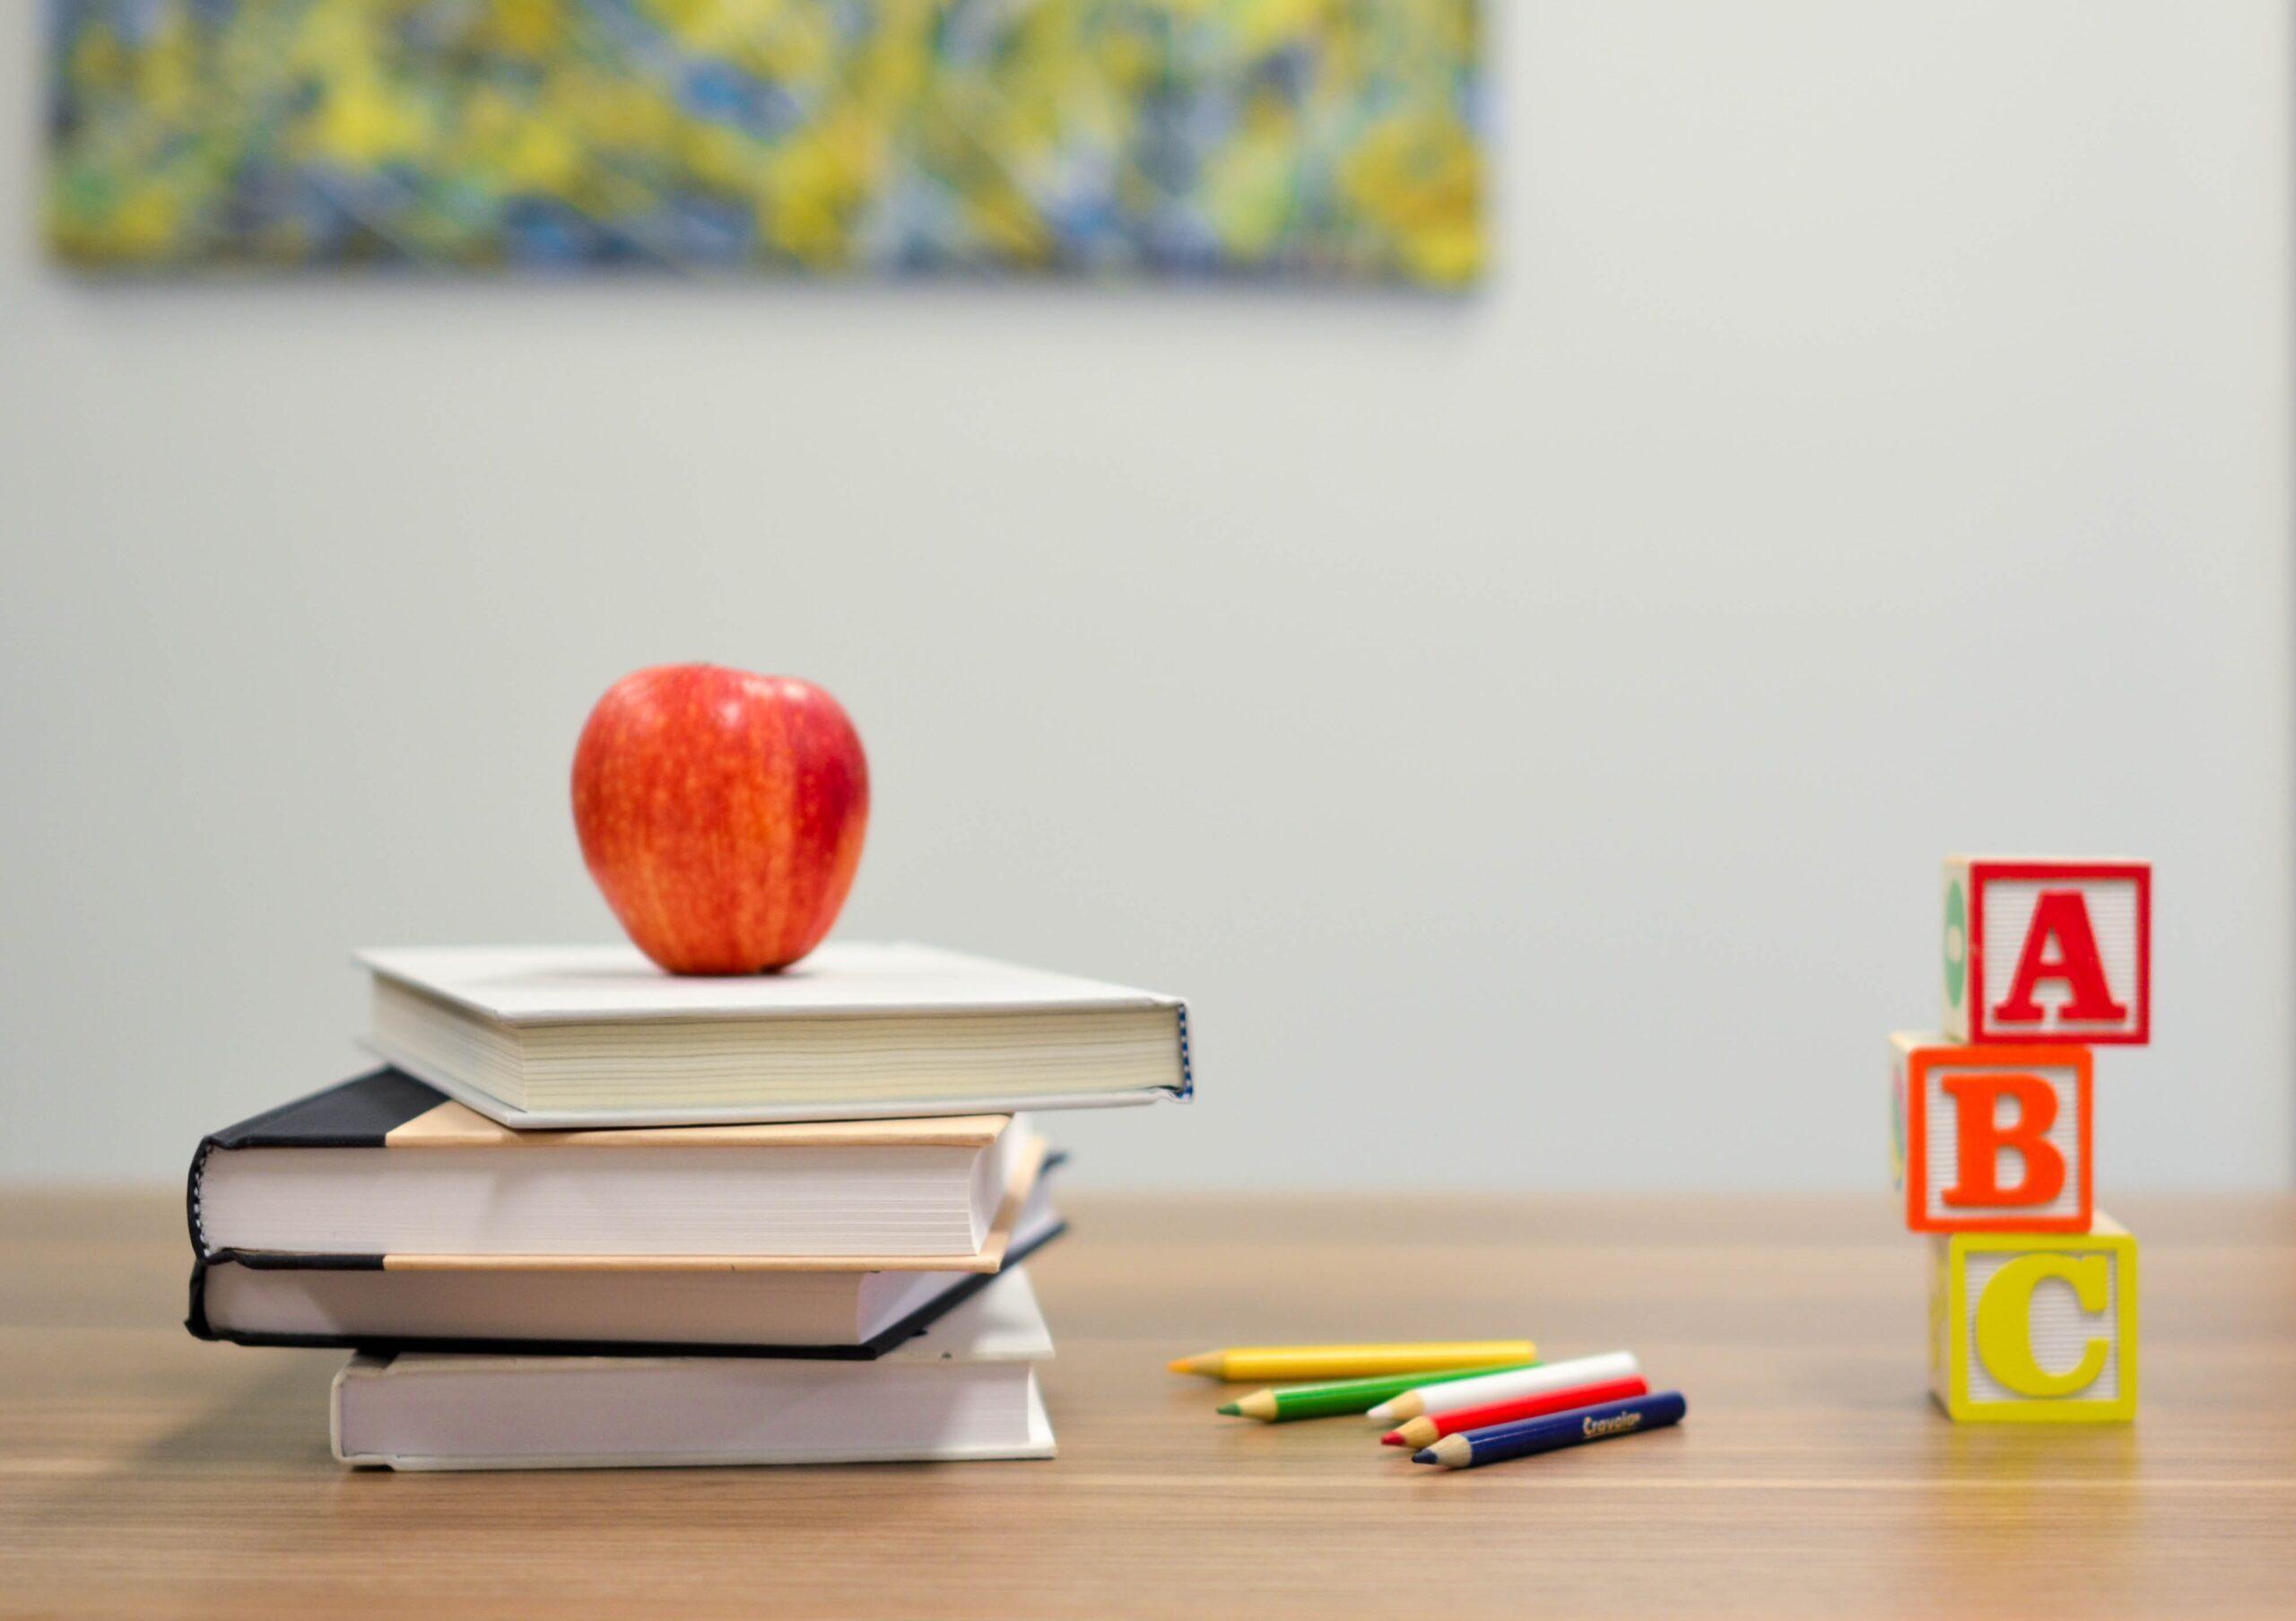 Bord med lektier og æbel